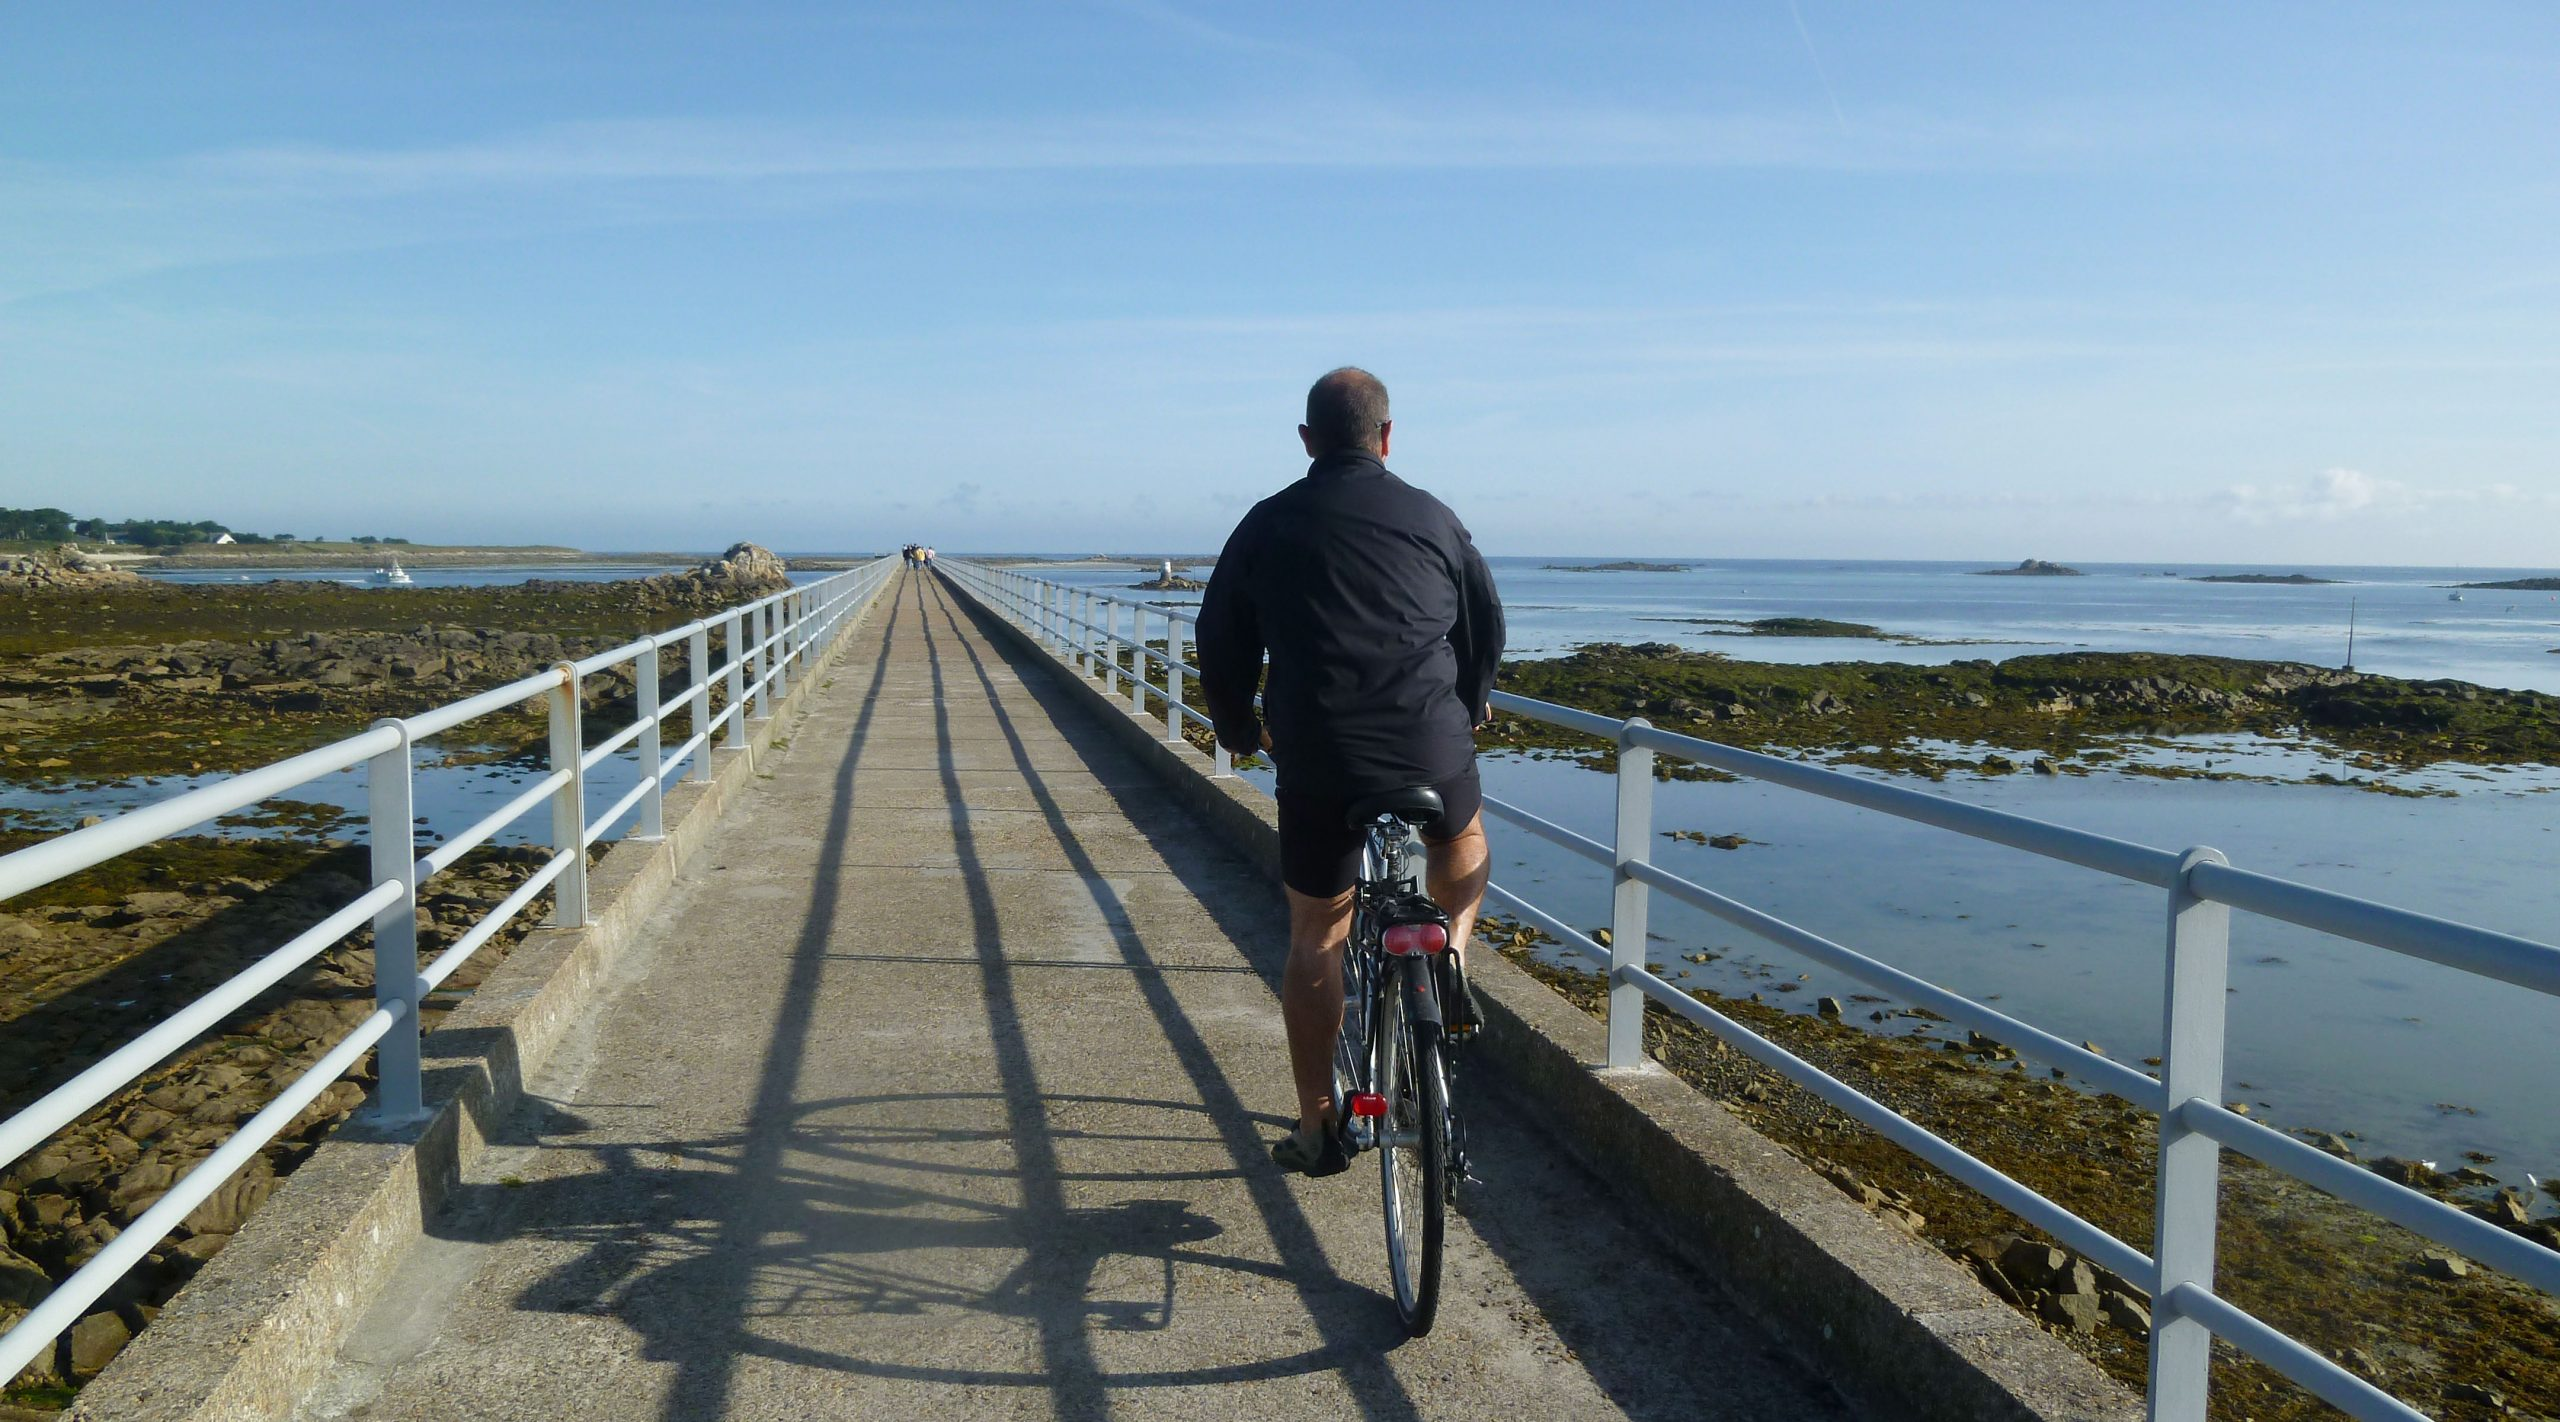 Canal-de-Brest-Roscoff-5-BICIS-EN-RUTA-1170X650